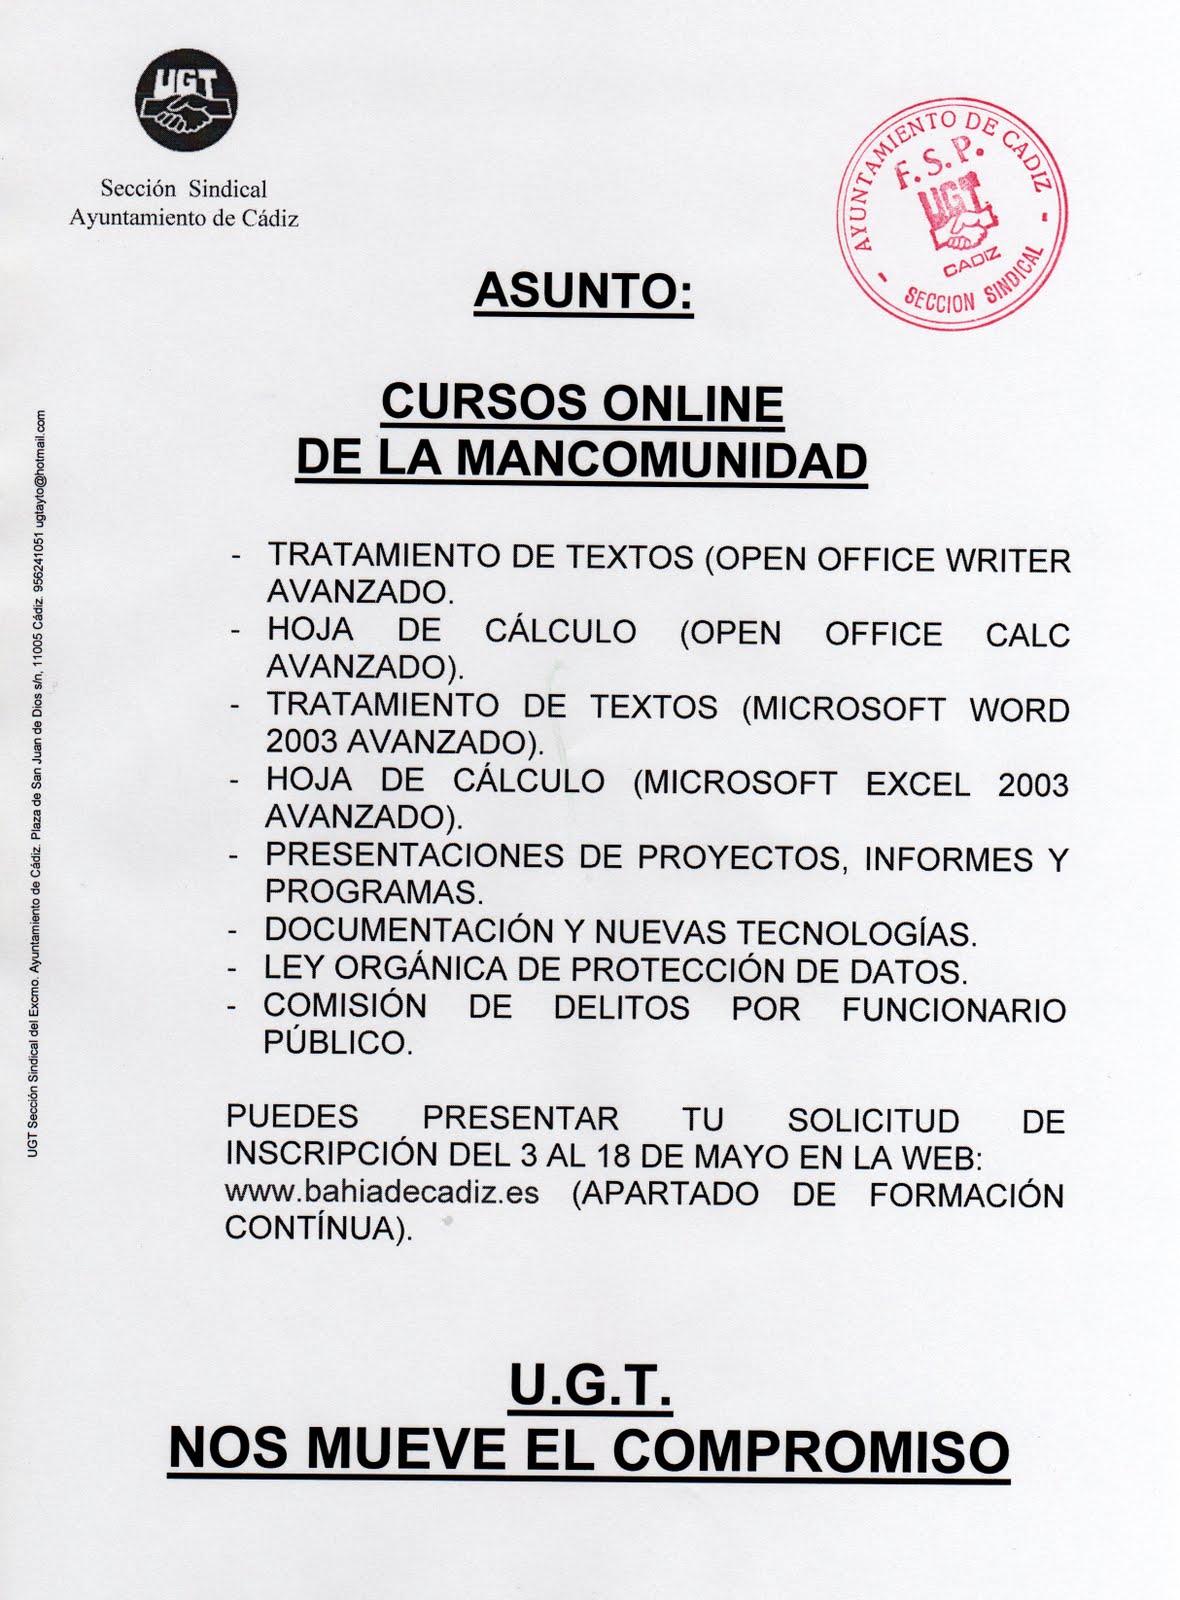 Secci n sindical del ayuntamiento de c diz cursos on line for Ayuntamiento de cadiz recogida de muebles